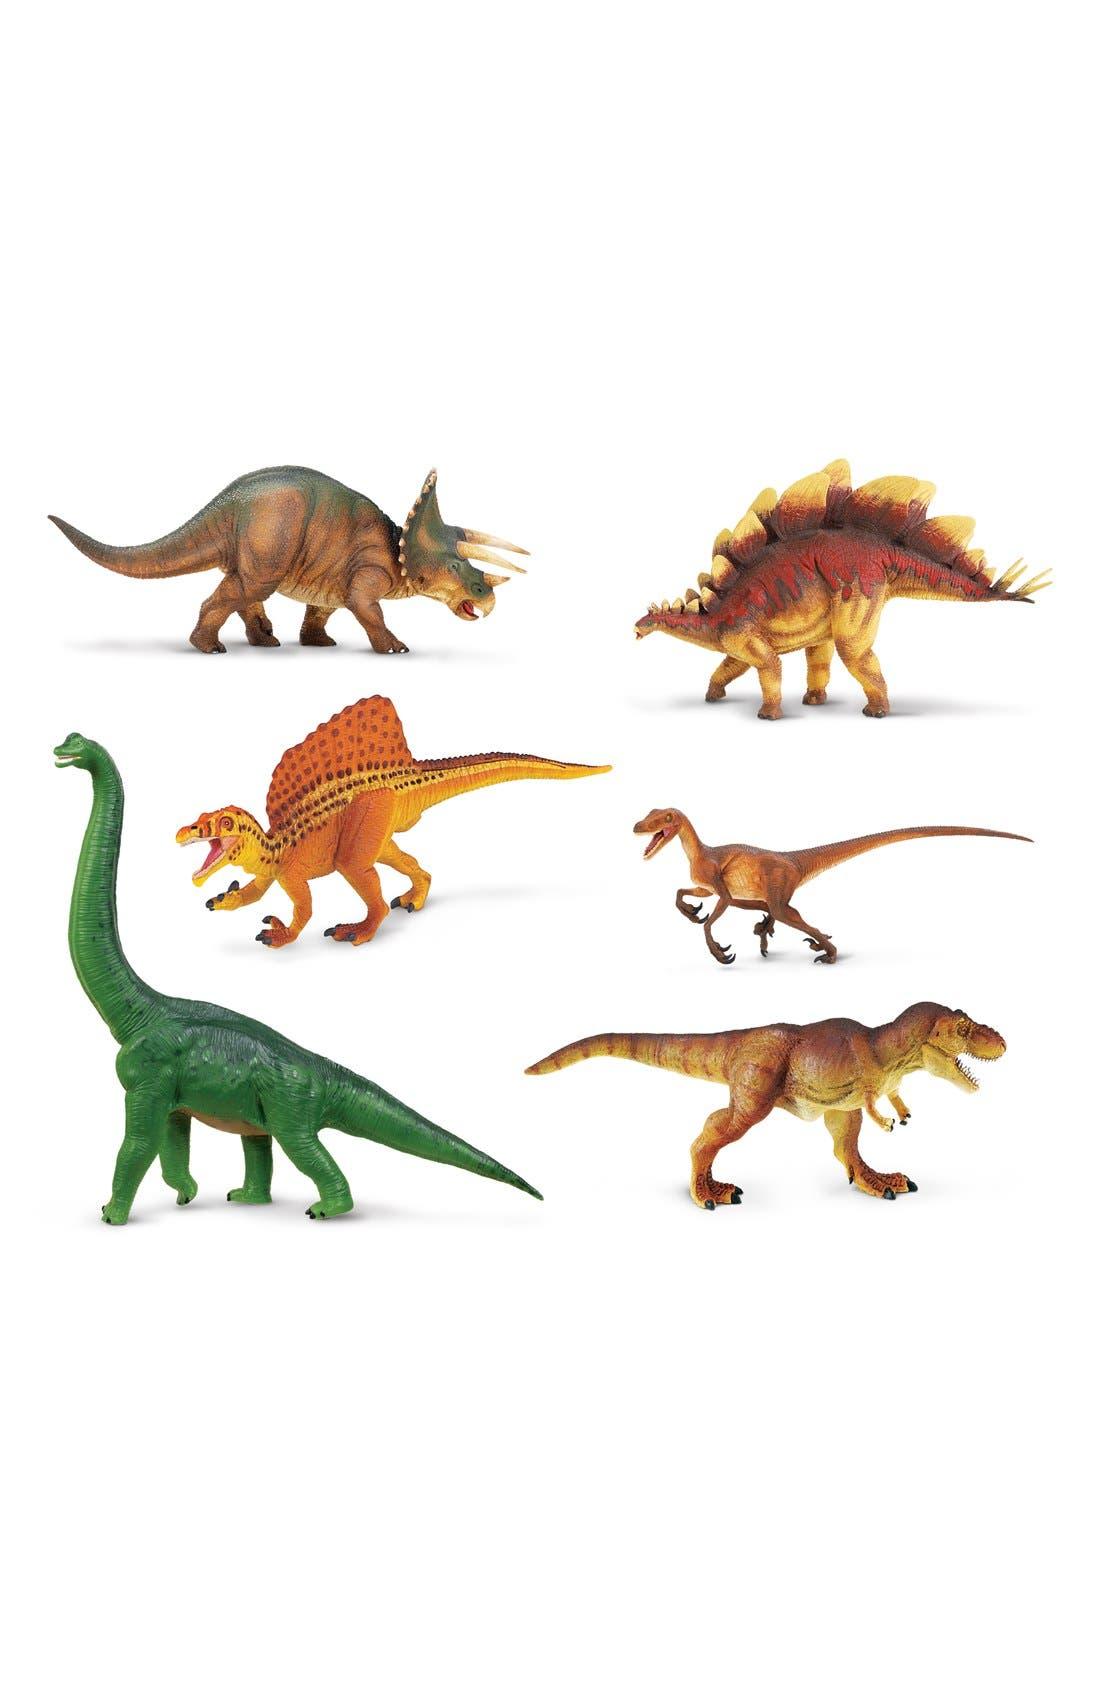 Alternate Image 1 Selected - Safari Ltd. Dinosaur Figurines (Set of 6)